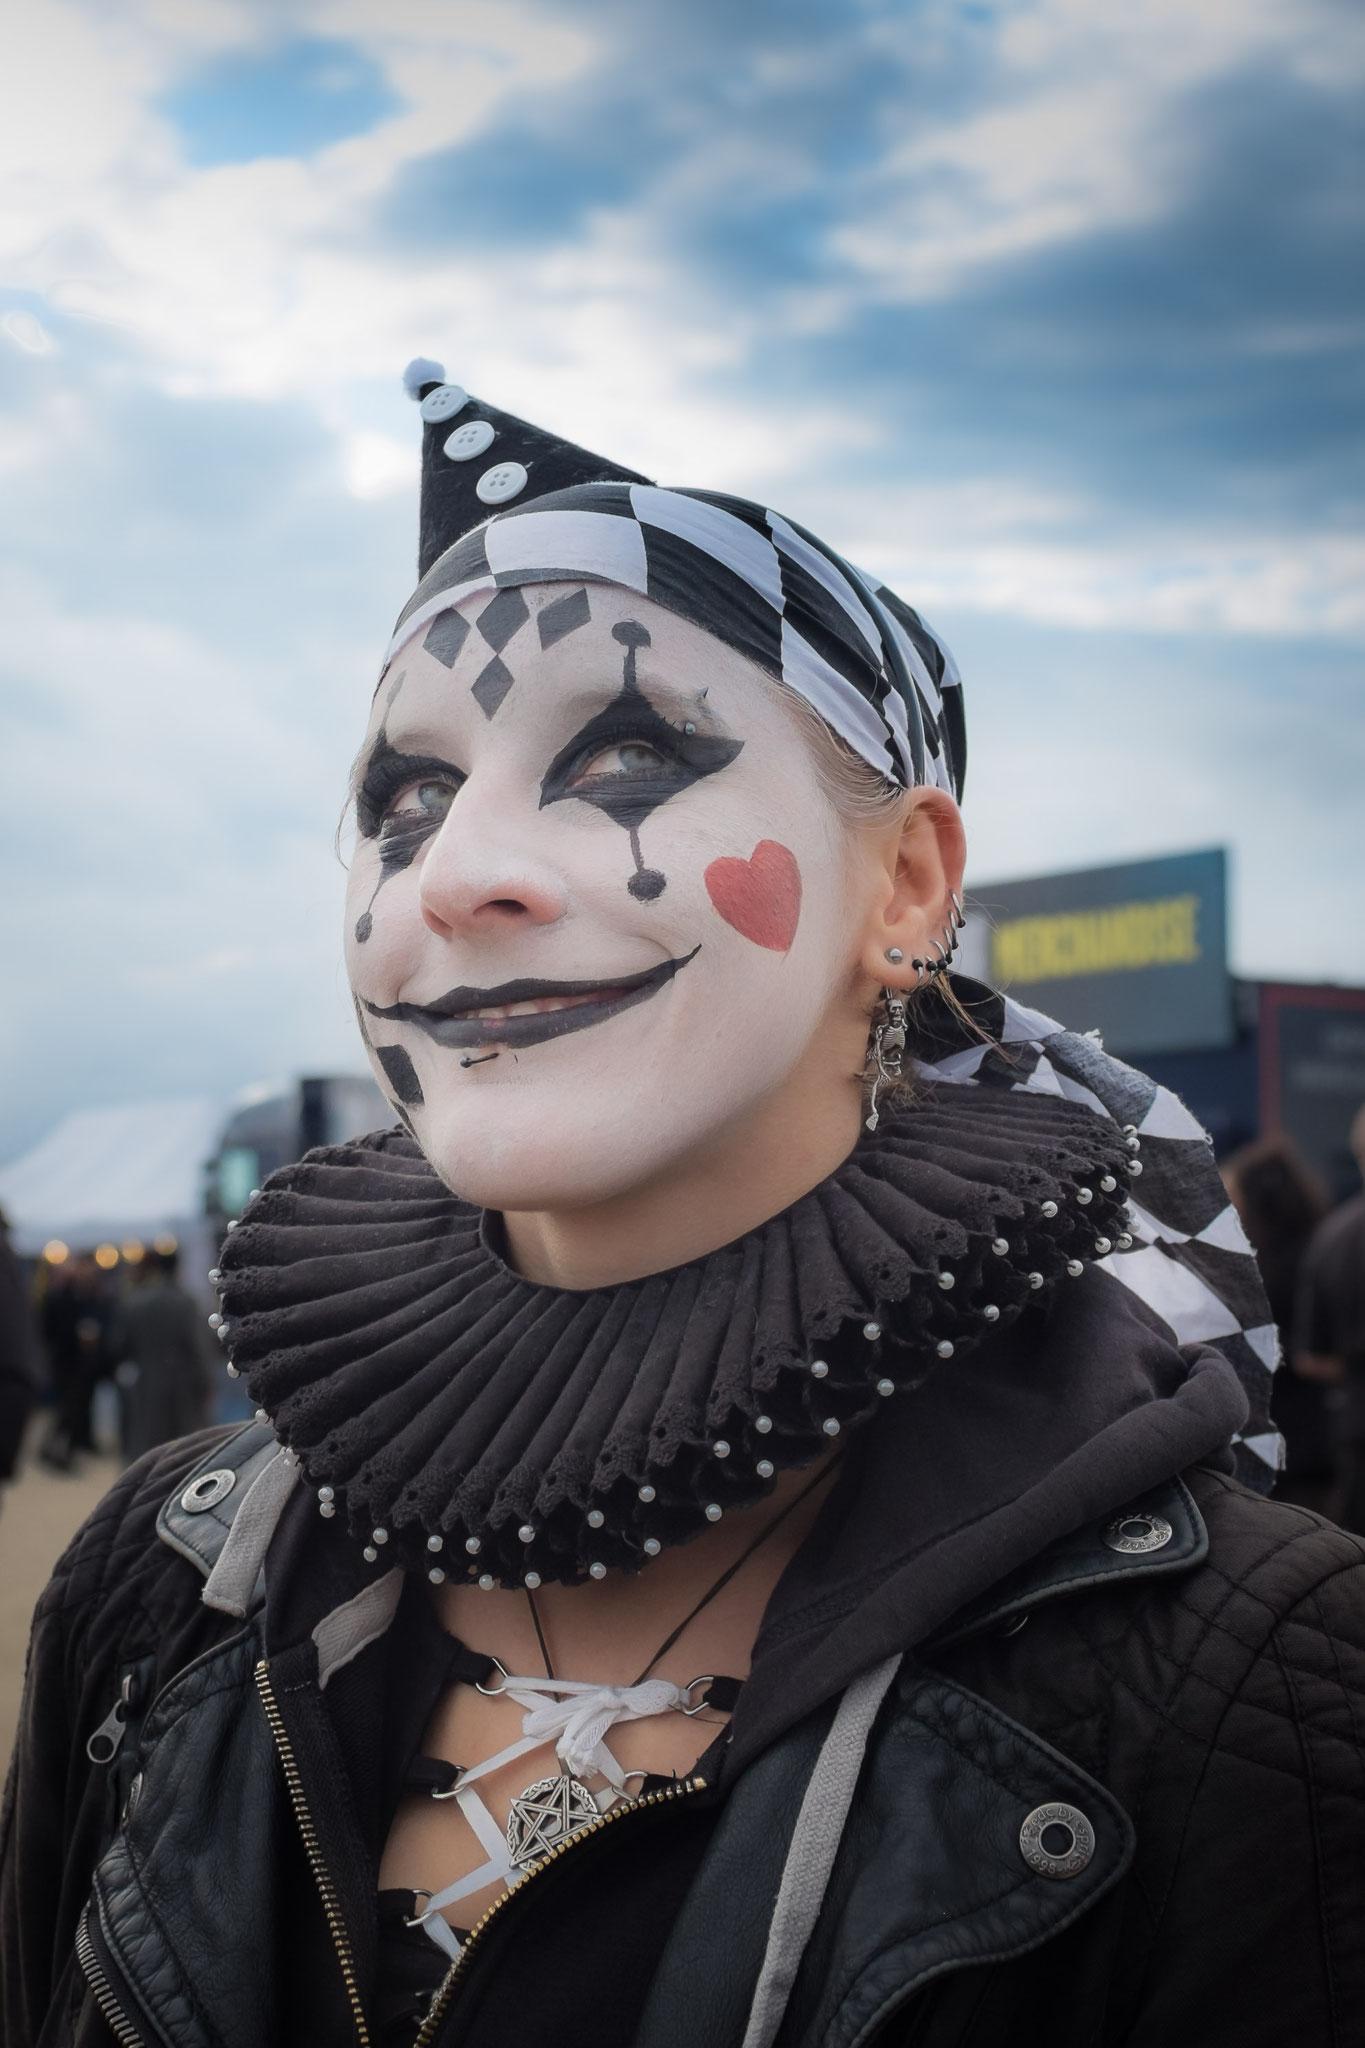 Walking Akt zu Fuß im Zirkus-Thema beim M'era Luna Festival